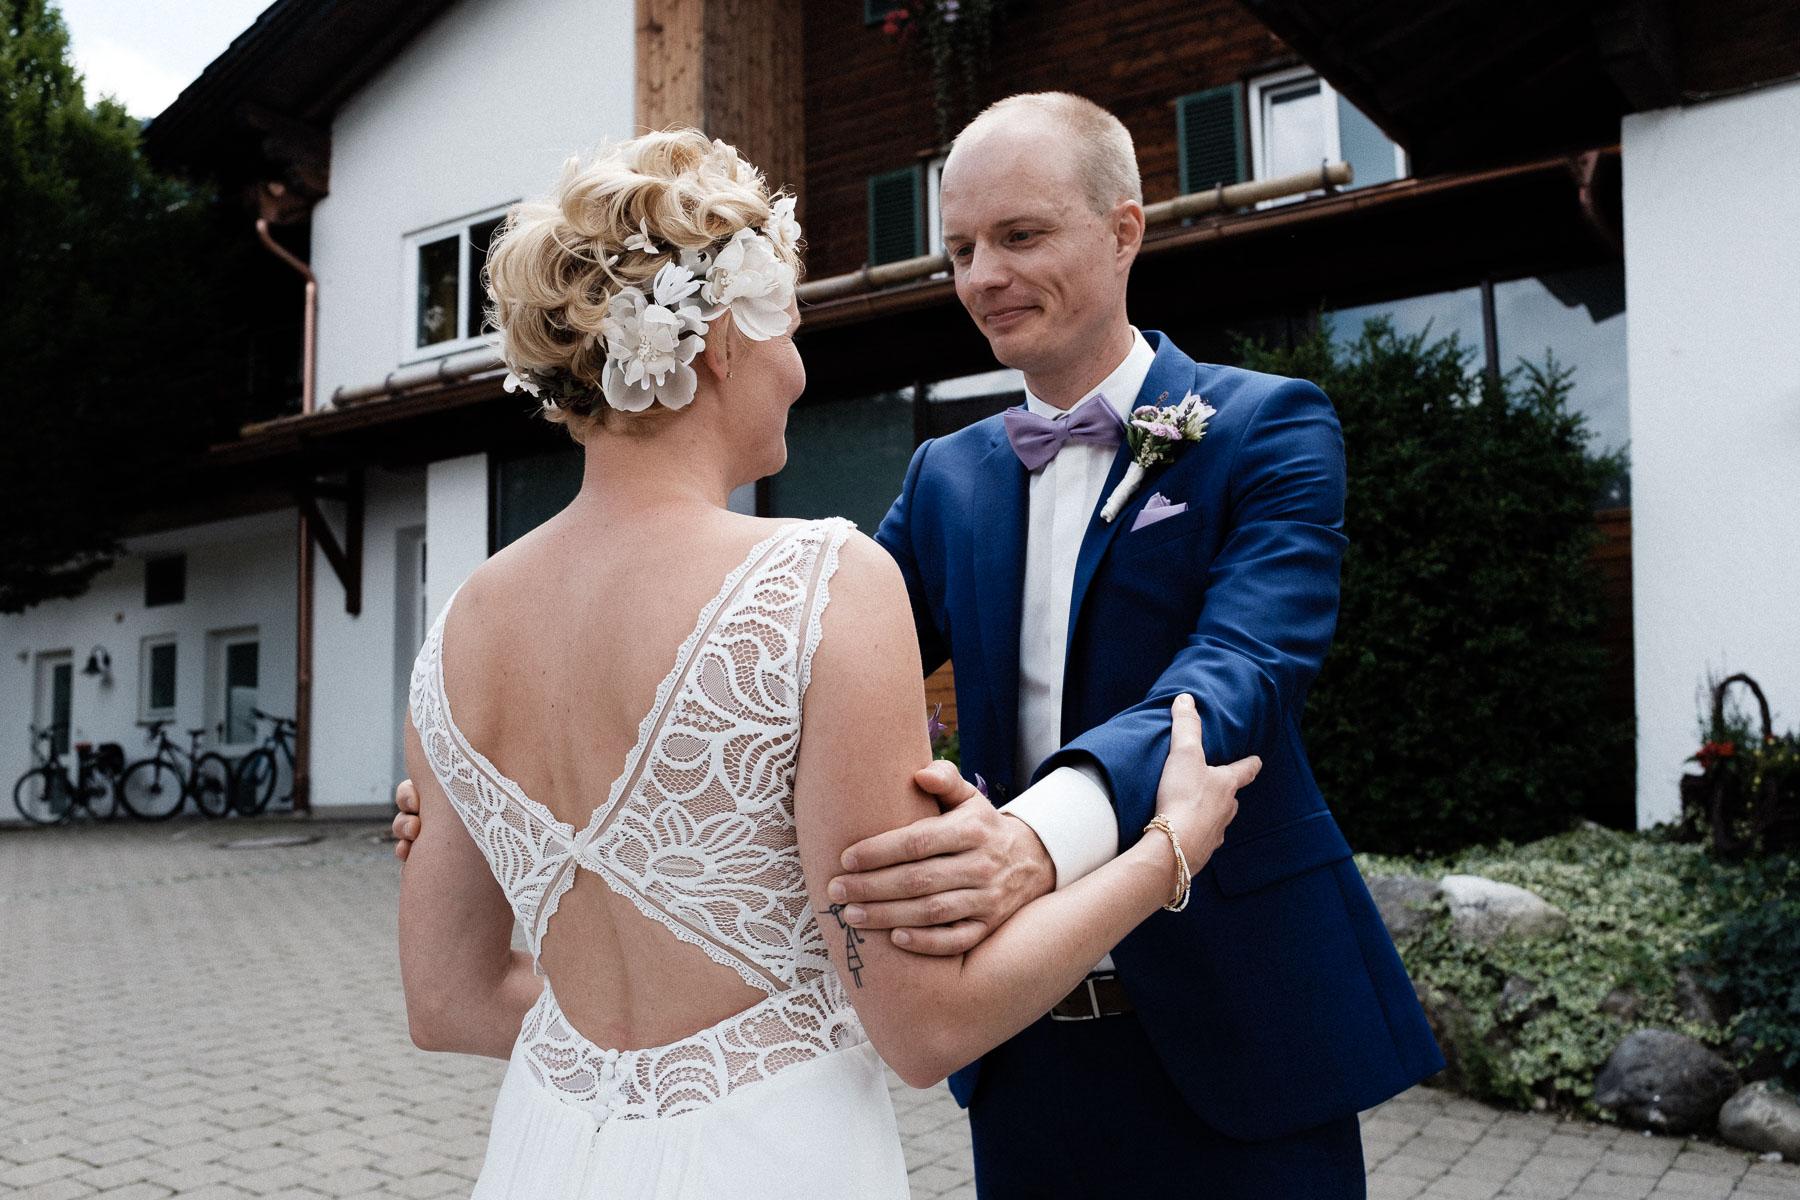 MartinLiebl_Hochzeitsfotograf_LCL_II_Blog_19.jpg